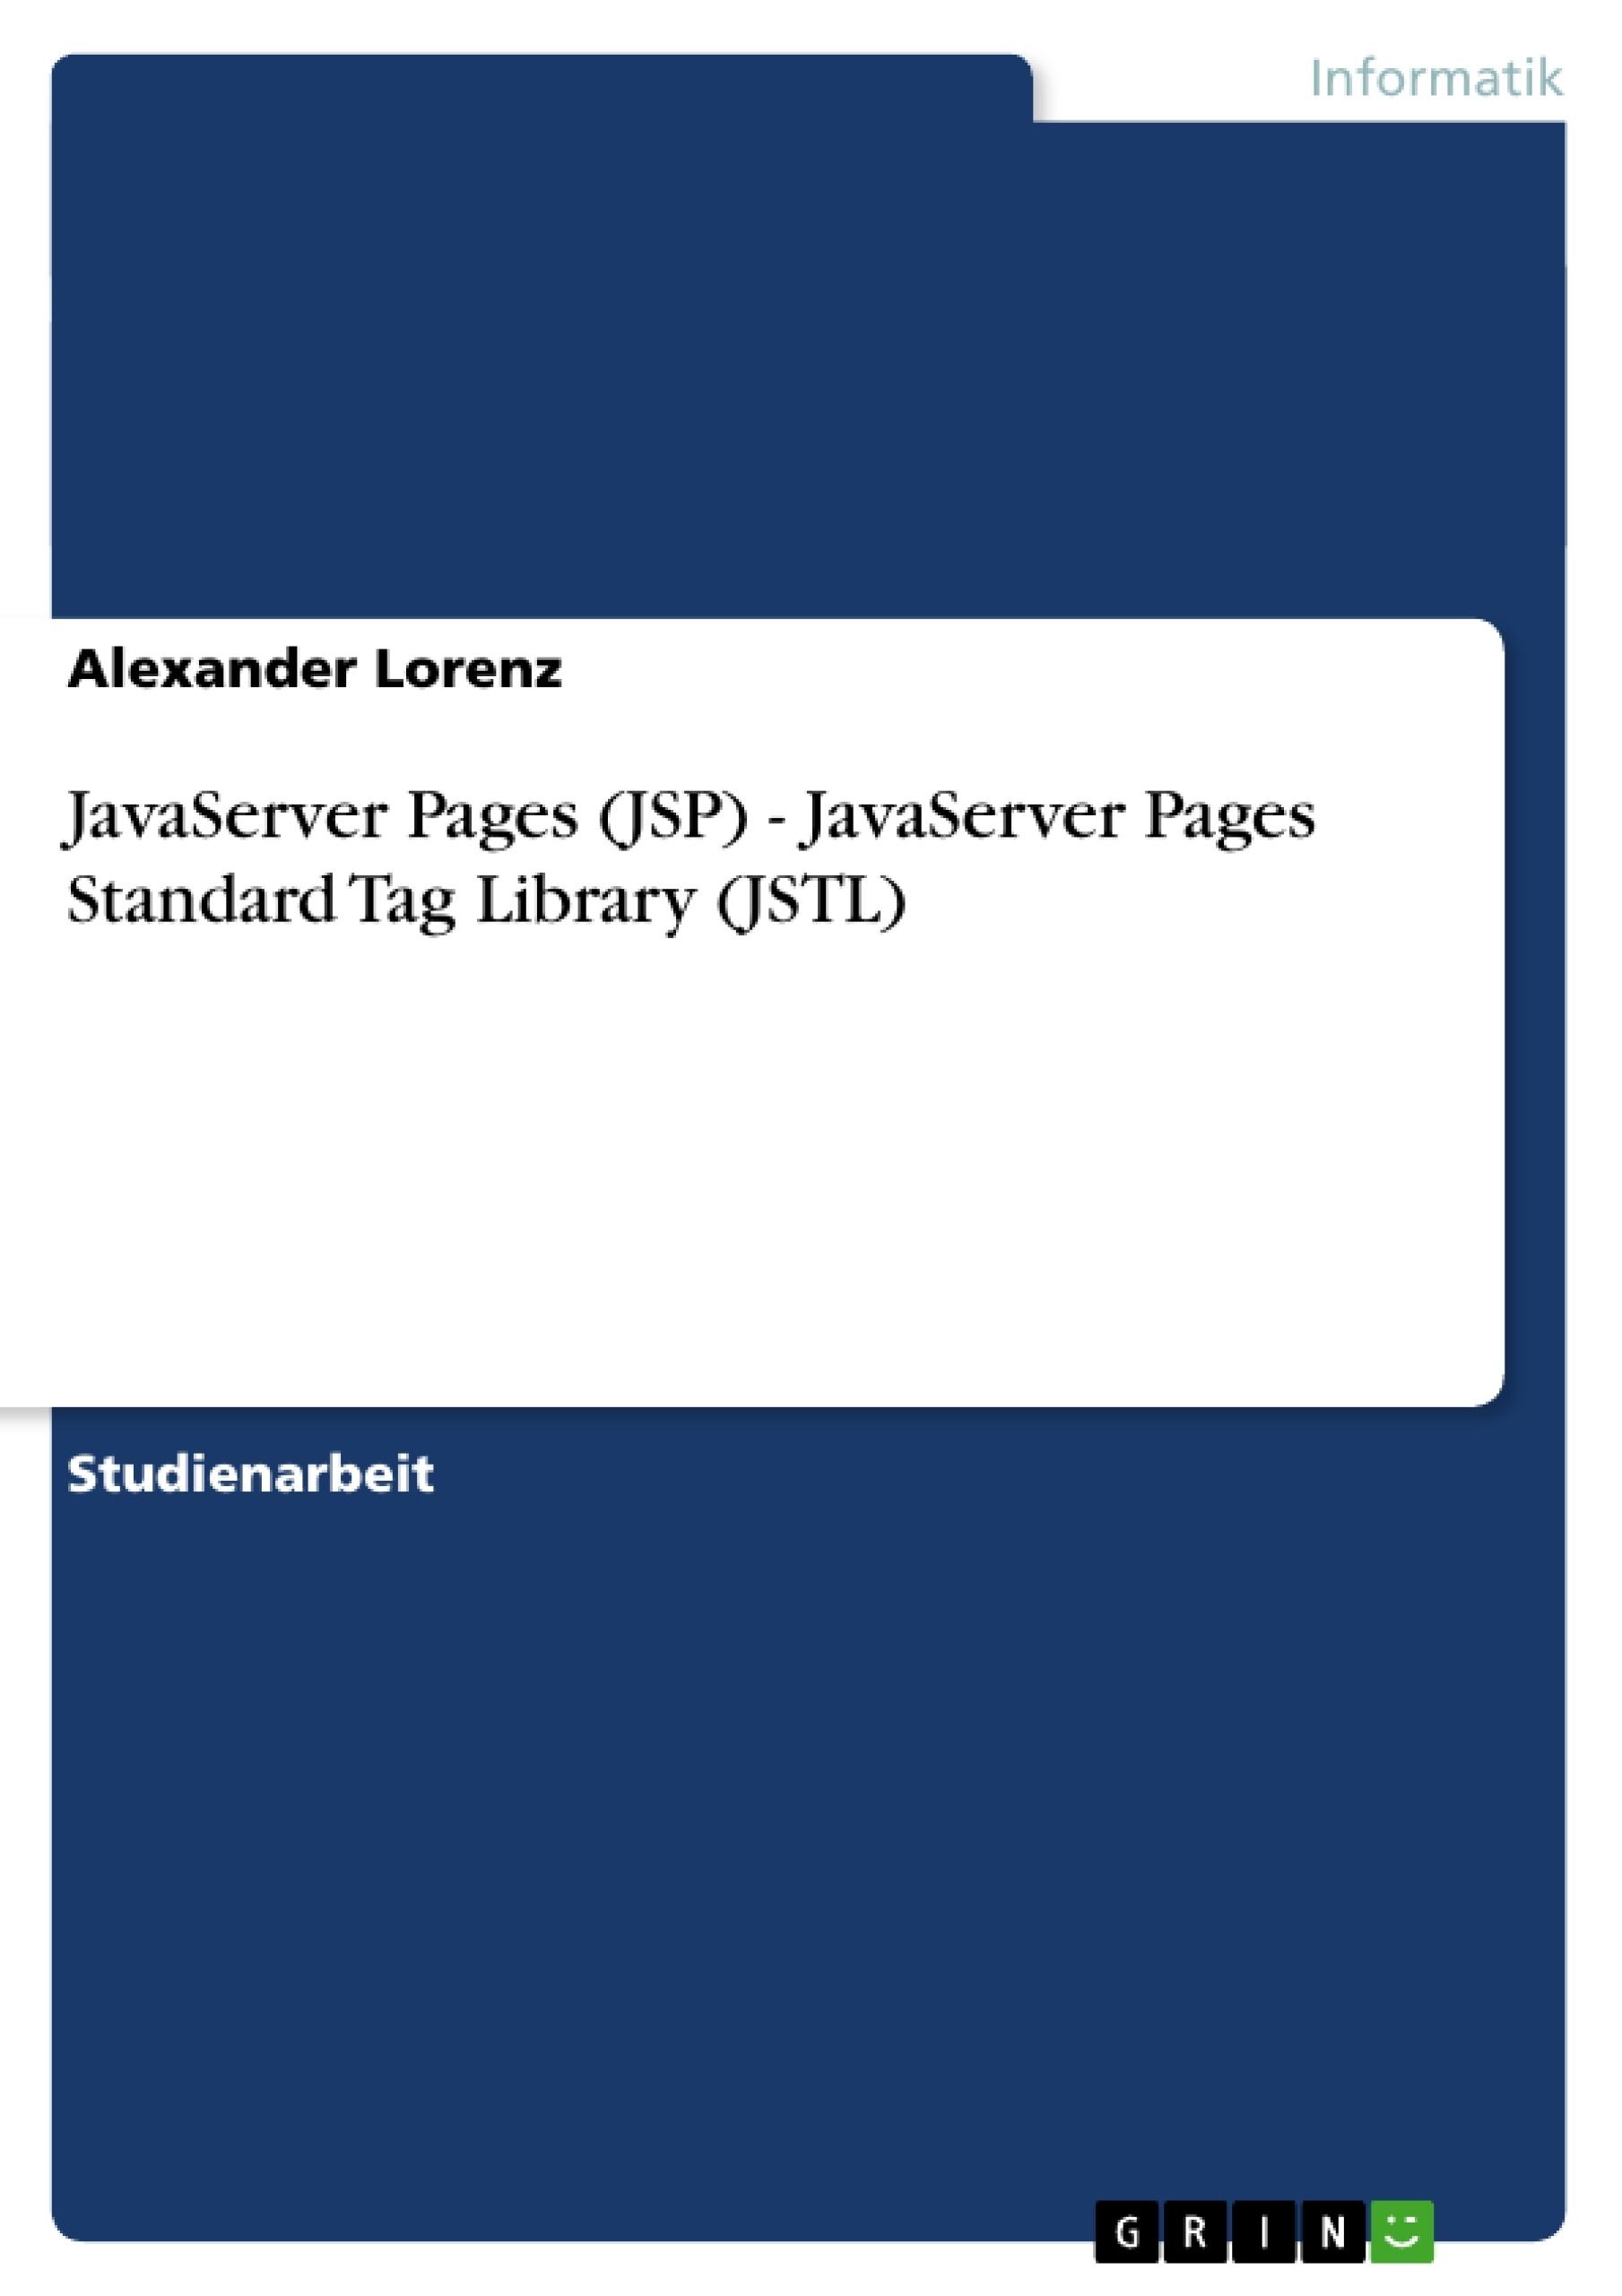 Titel: JavaServer Pages (JSP) - JavaServer Pages Standard Tag Library (JSTL)